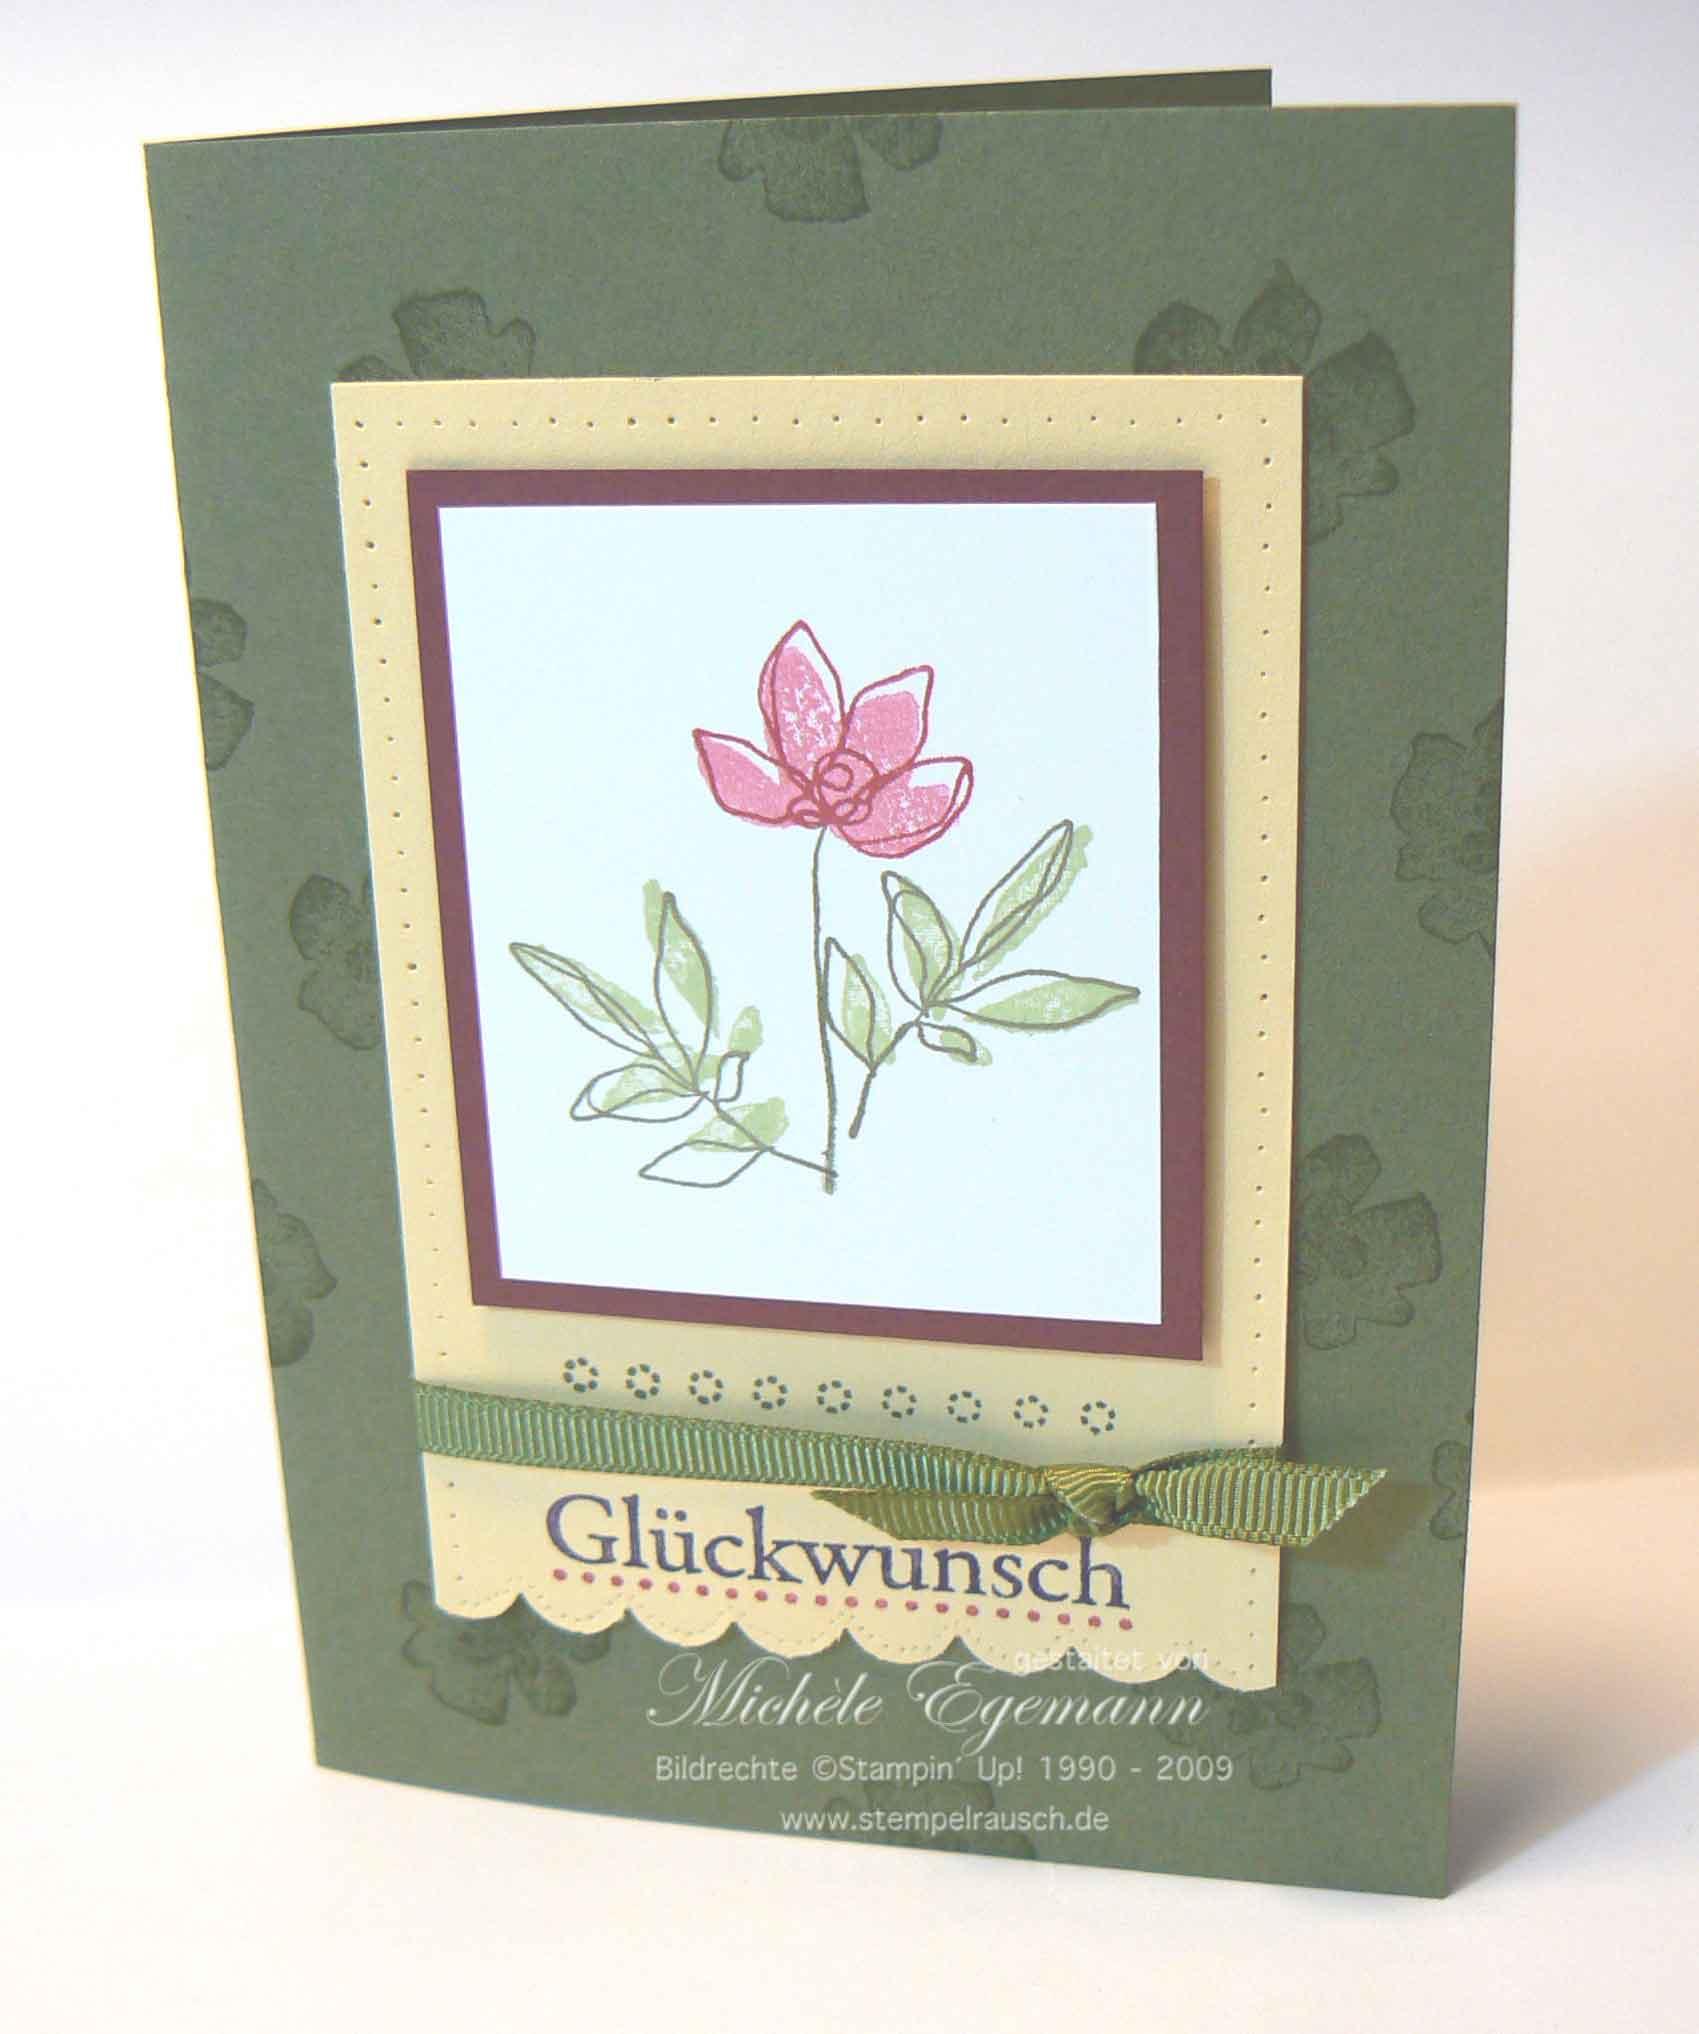 Glückwunschkarte mit Botanischen Blumen